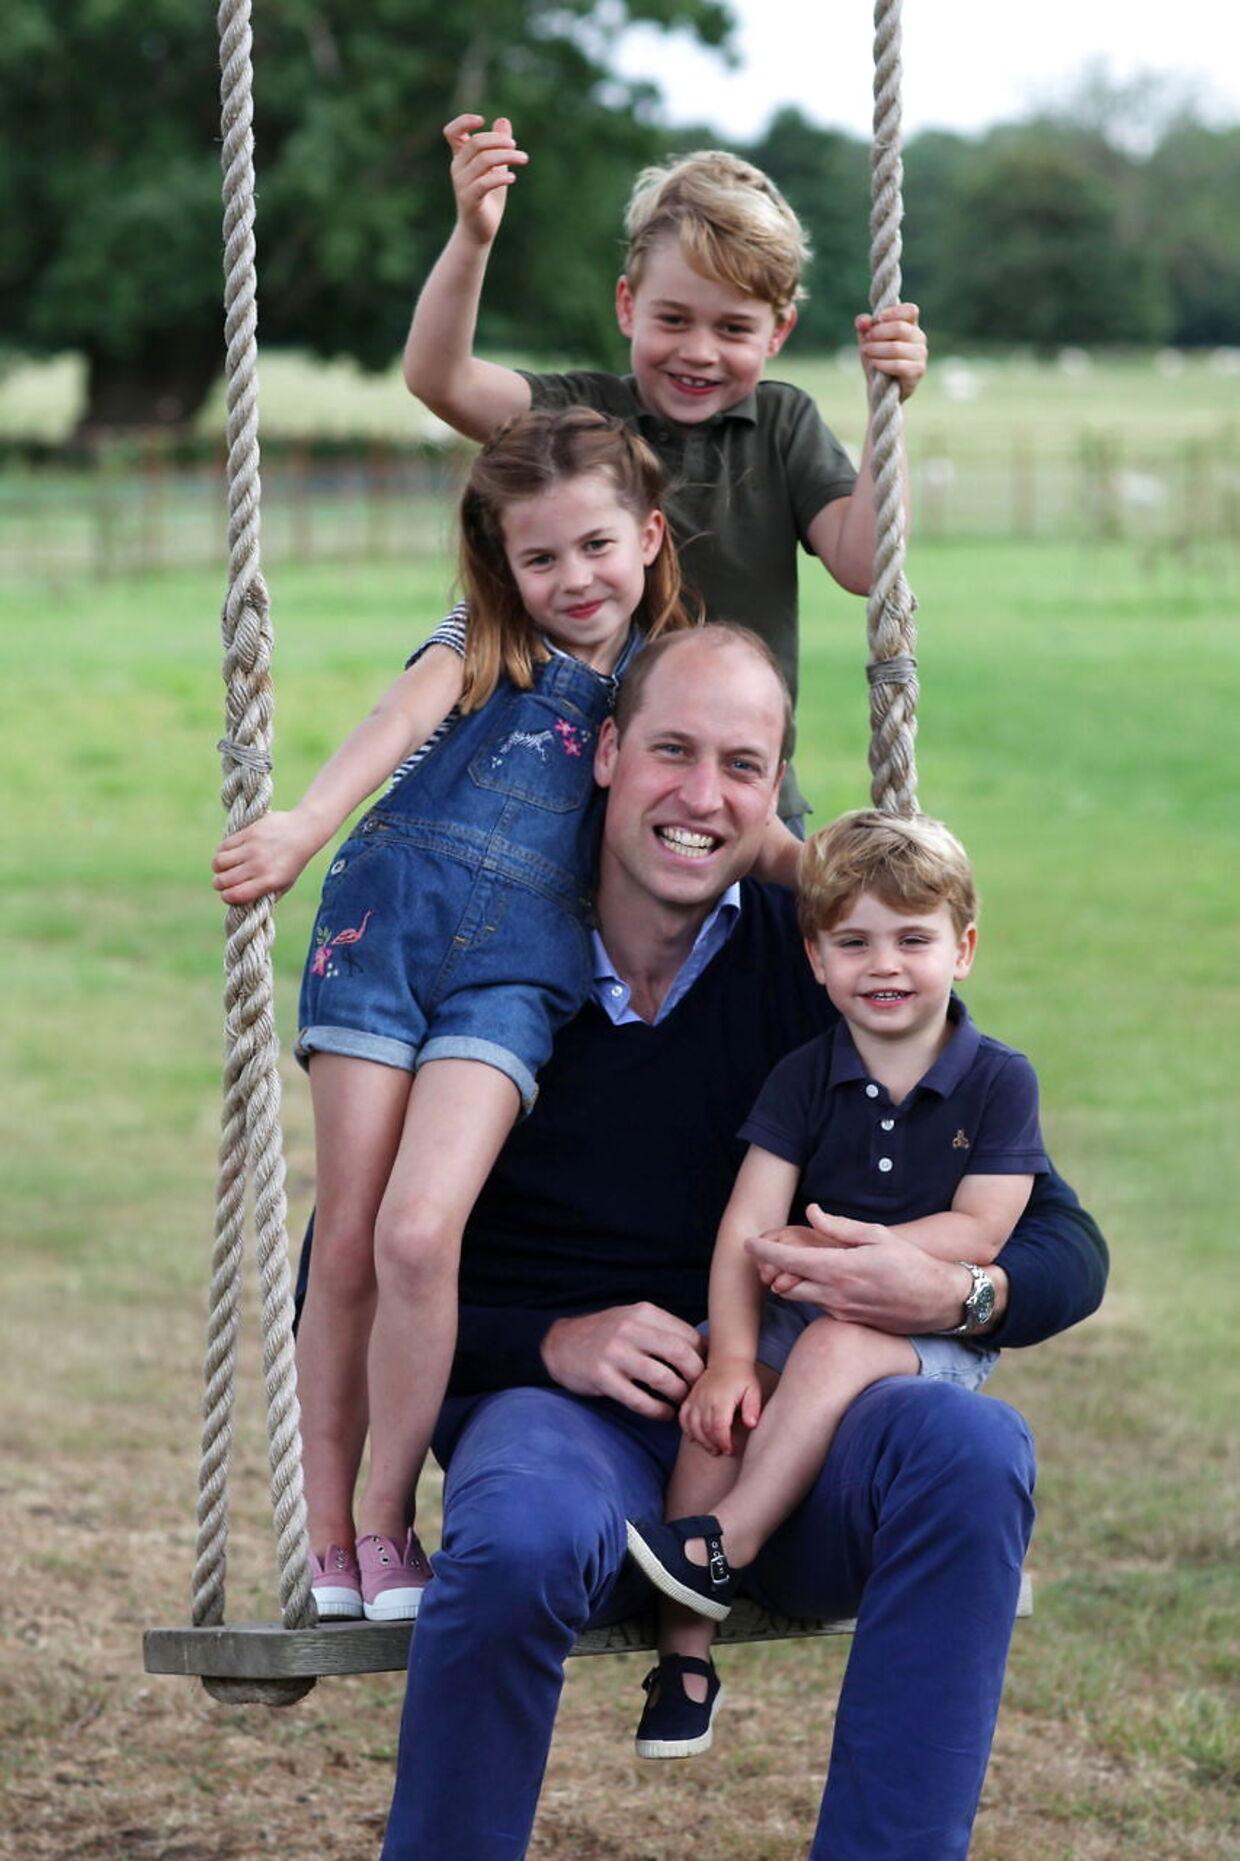 Hertugen af Cambridge med sine tre børn, prins George, pinsesse Charlotte og prins Louis.